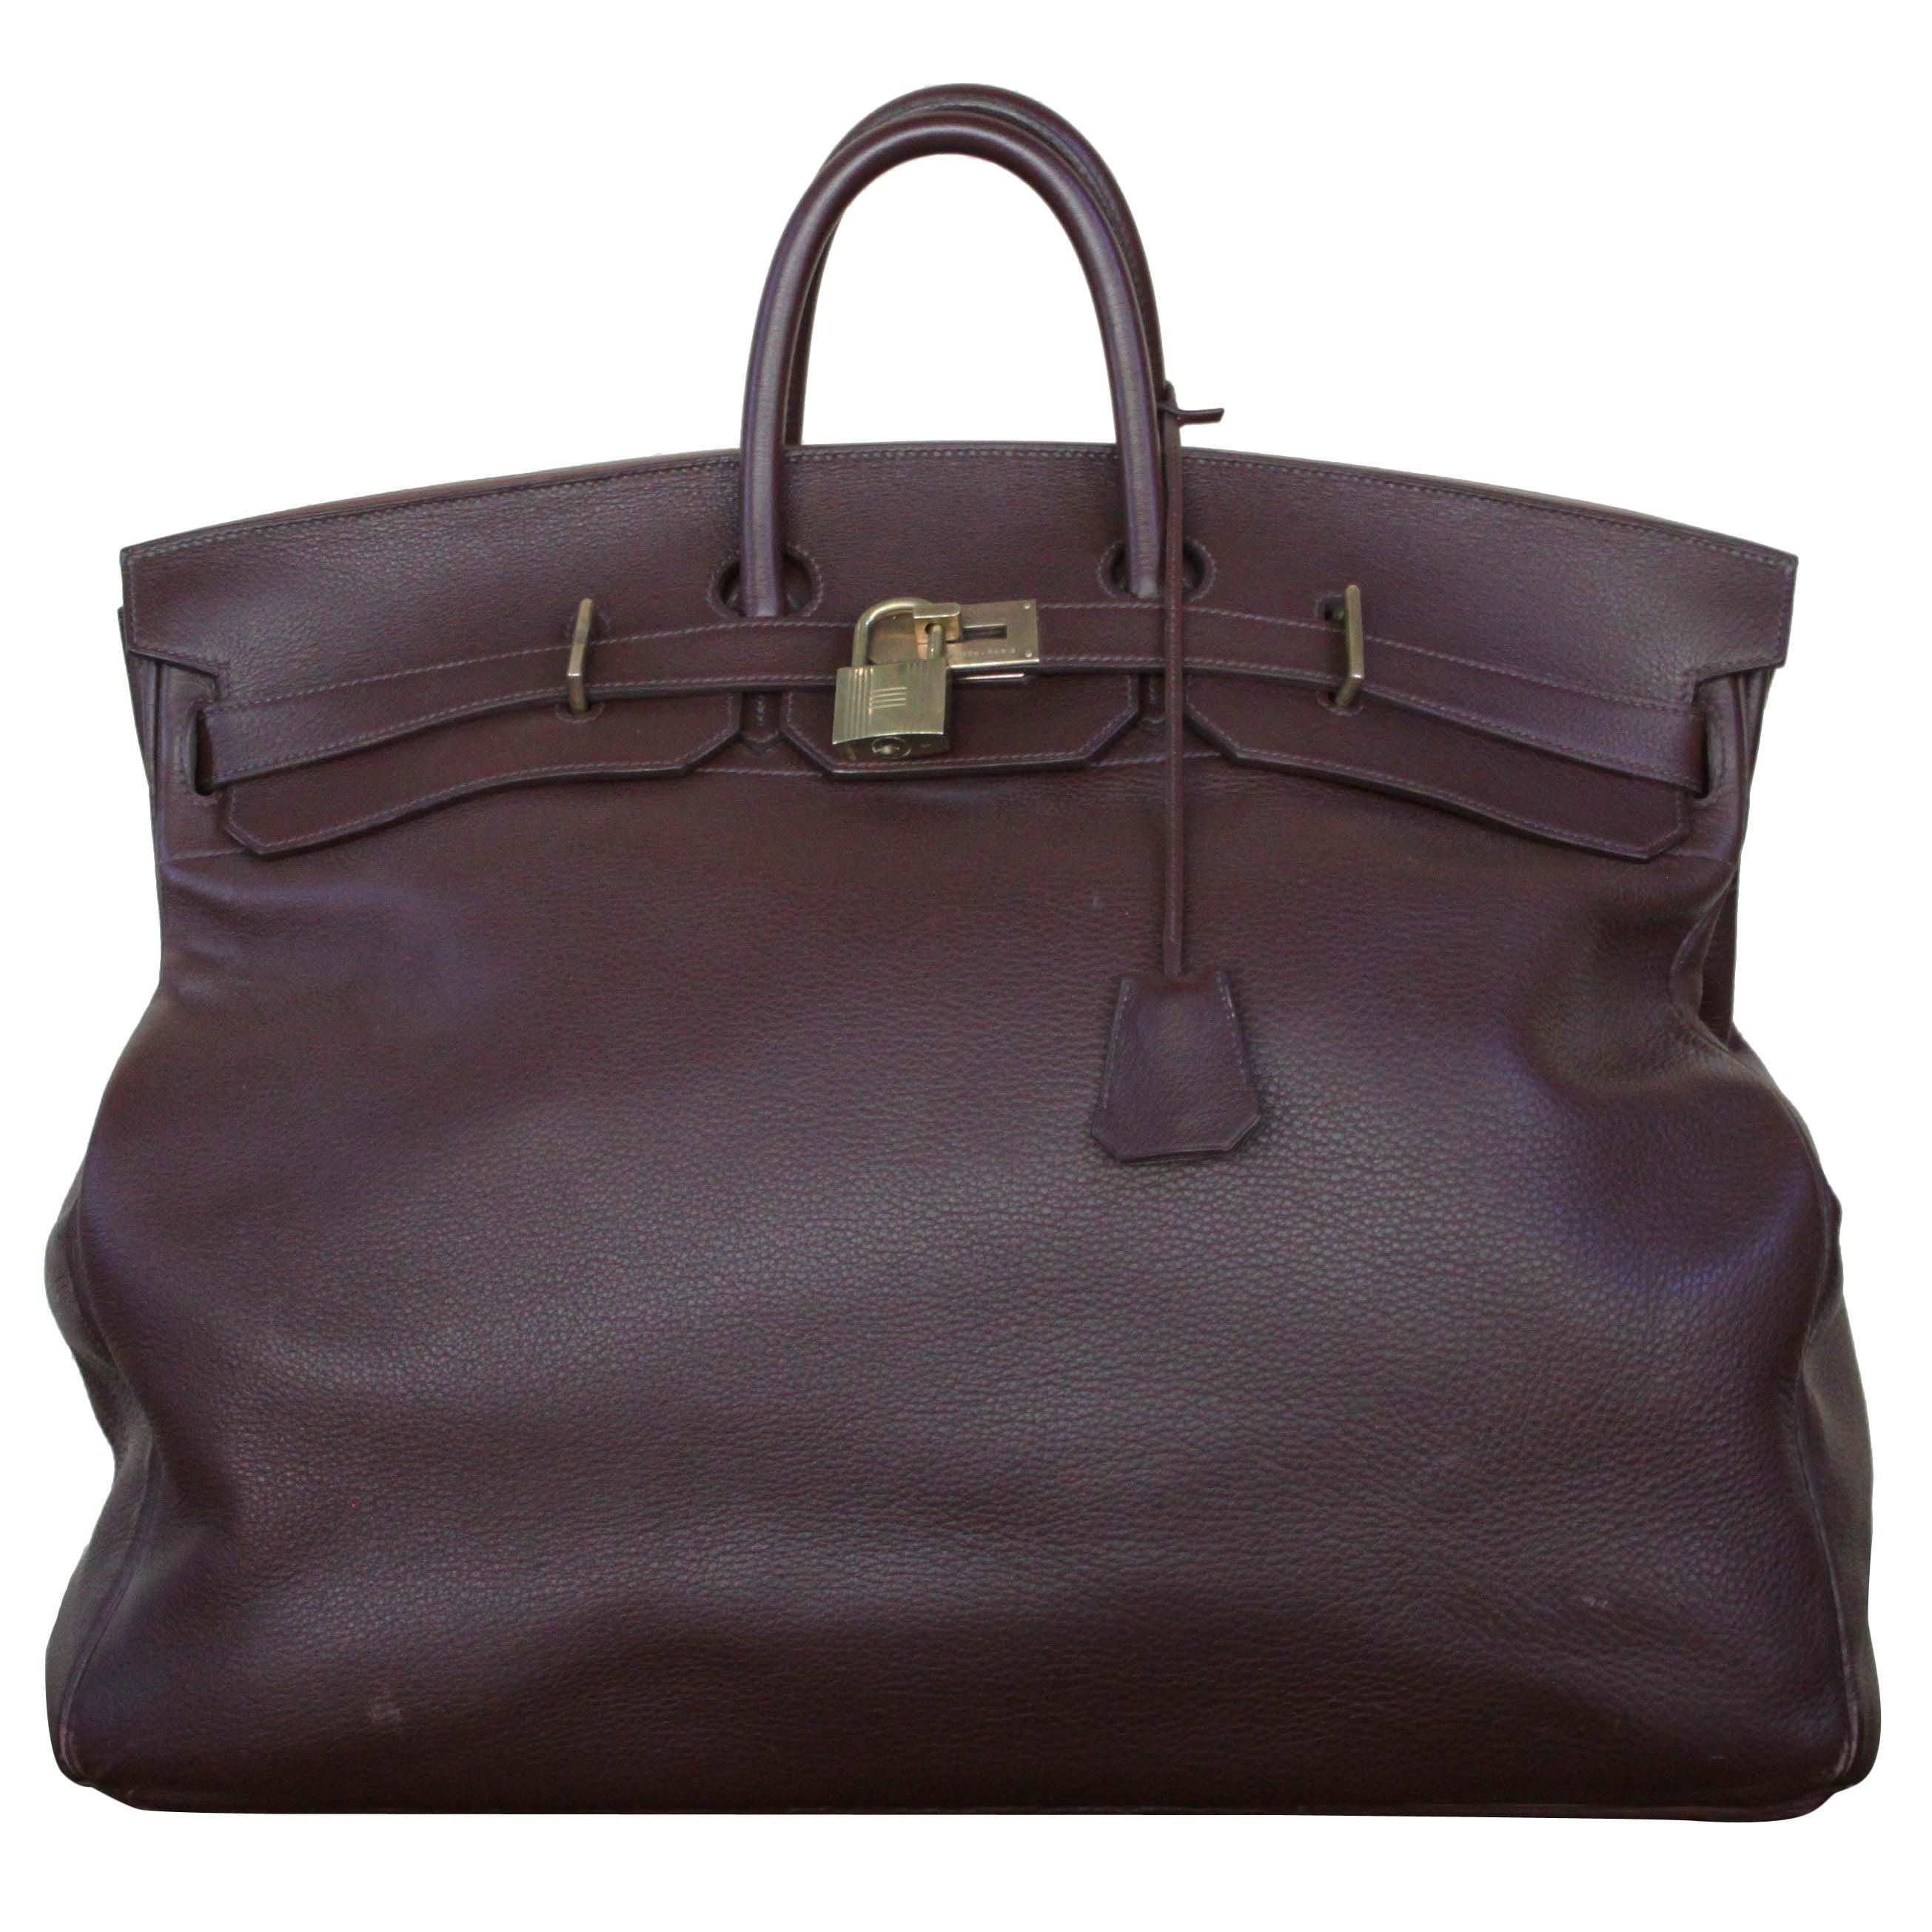 8e40b21b5680 Hermès Haut à Courroies HAC Birkin Bag at 1stdibs